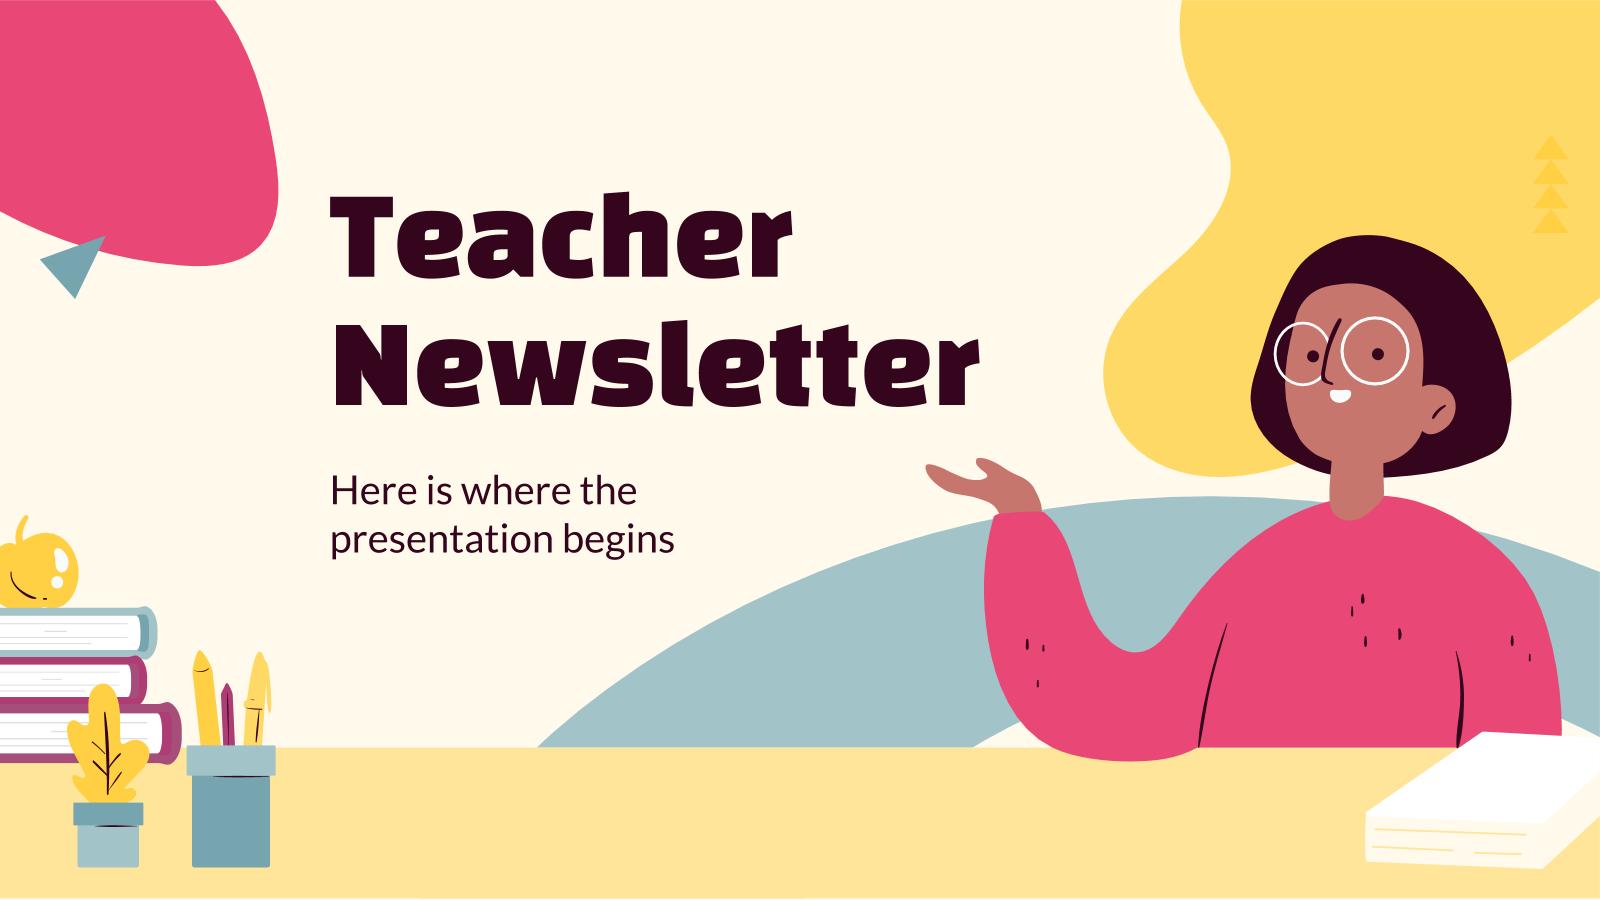 Plantilla de presentación Newsletter para profesores